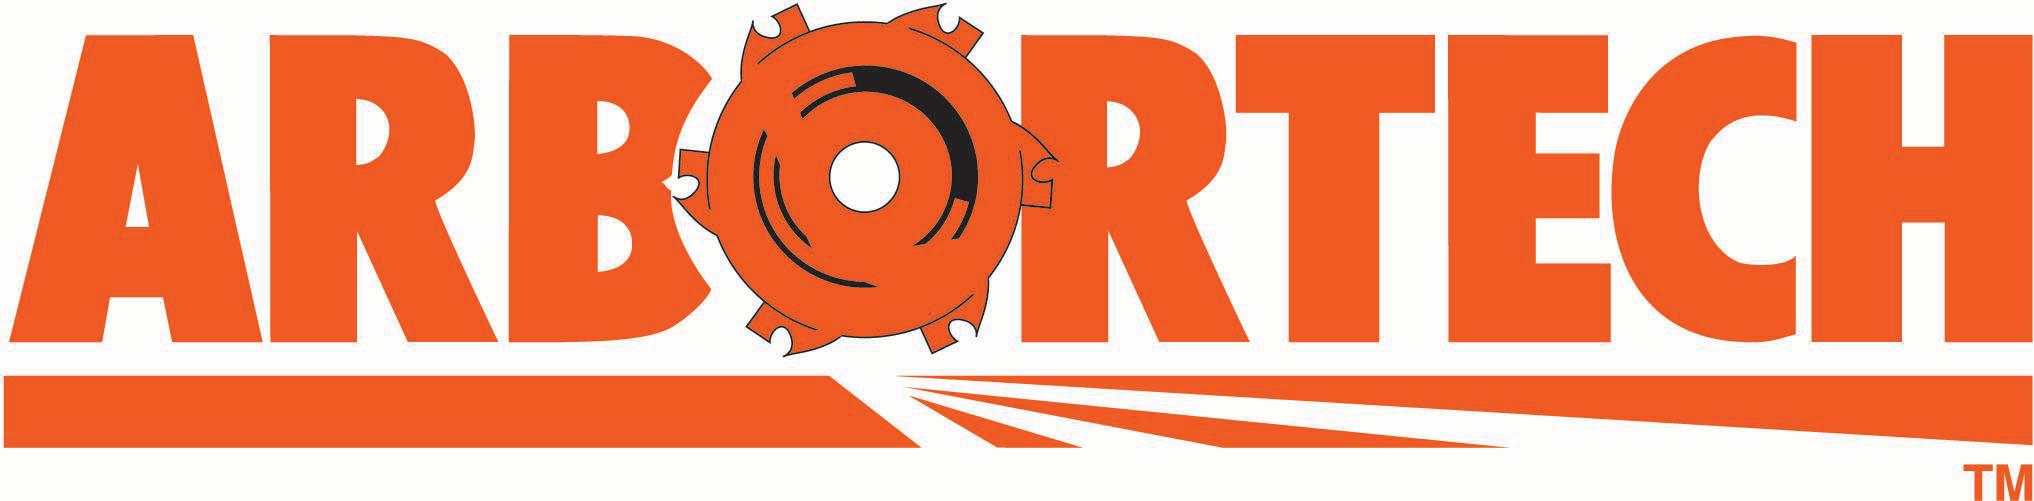 Arbortech Europe GmbH